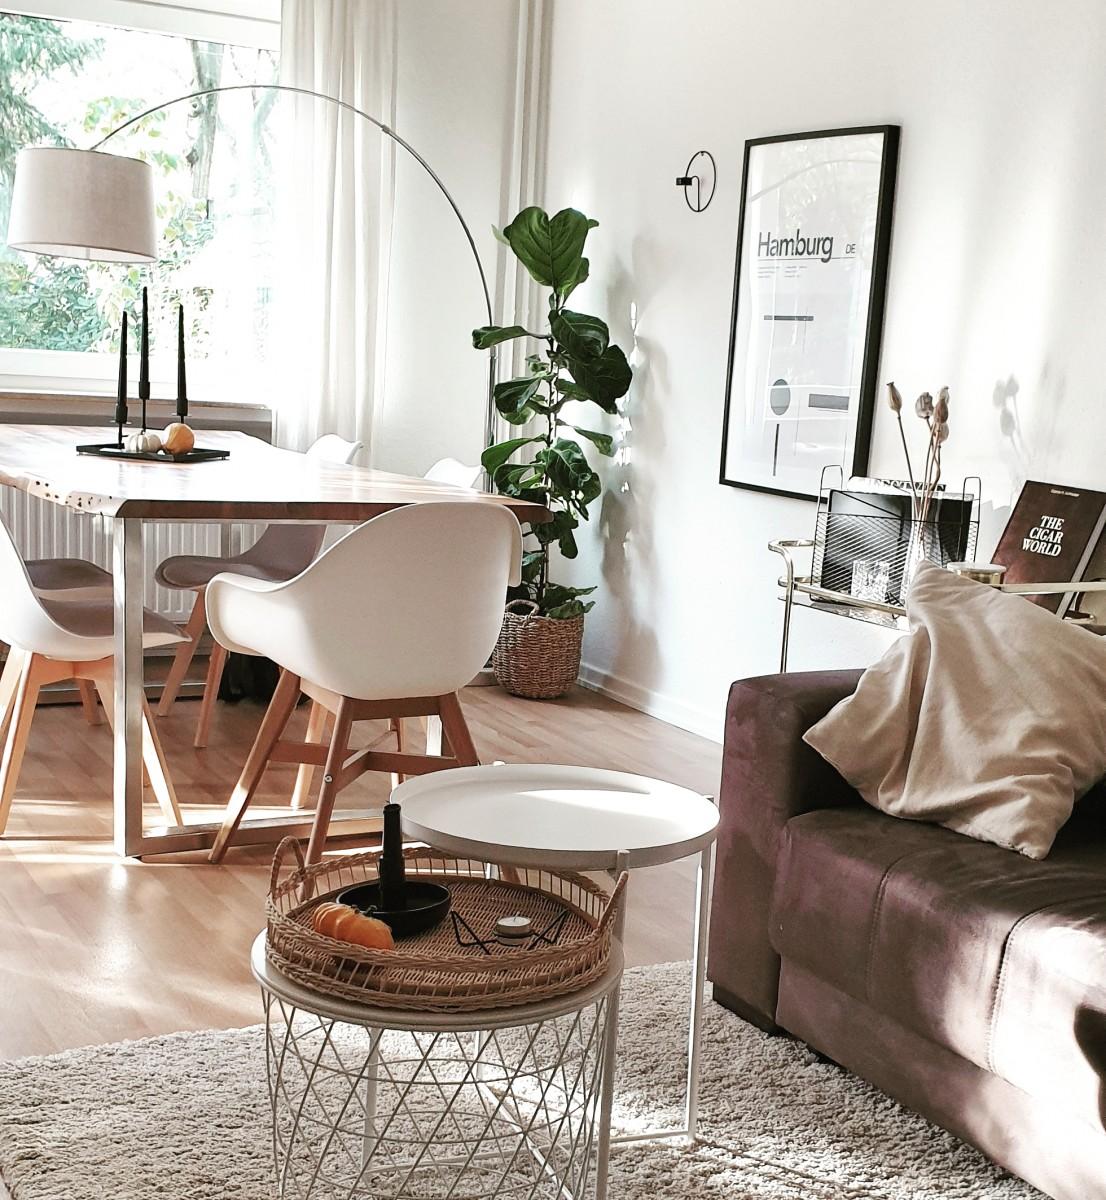 Wohnen, Pflanze, Naturholz, Weiß, Skandinavisch, Dekoration, Bilderrahmen, Tisch, Stuhl